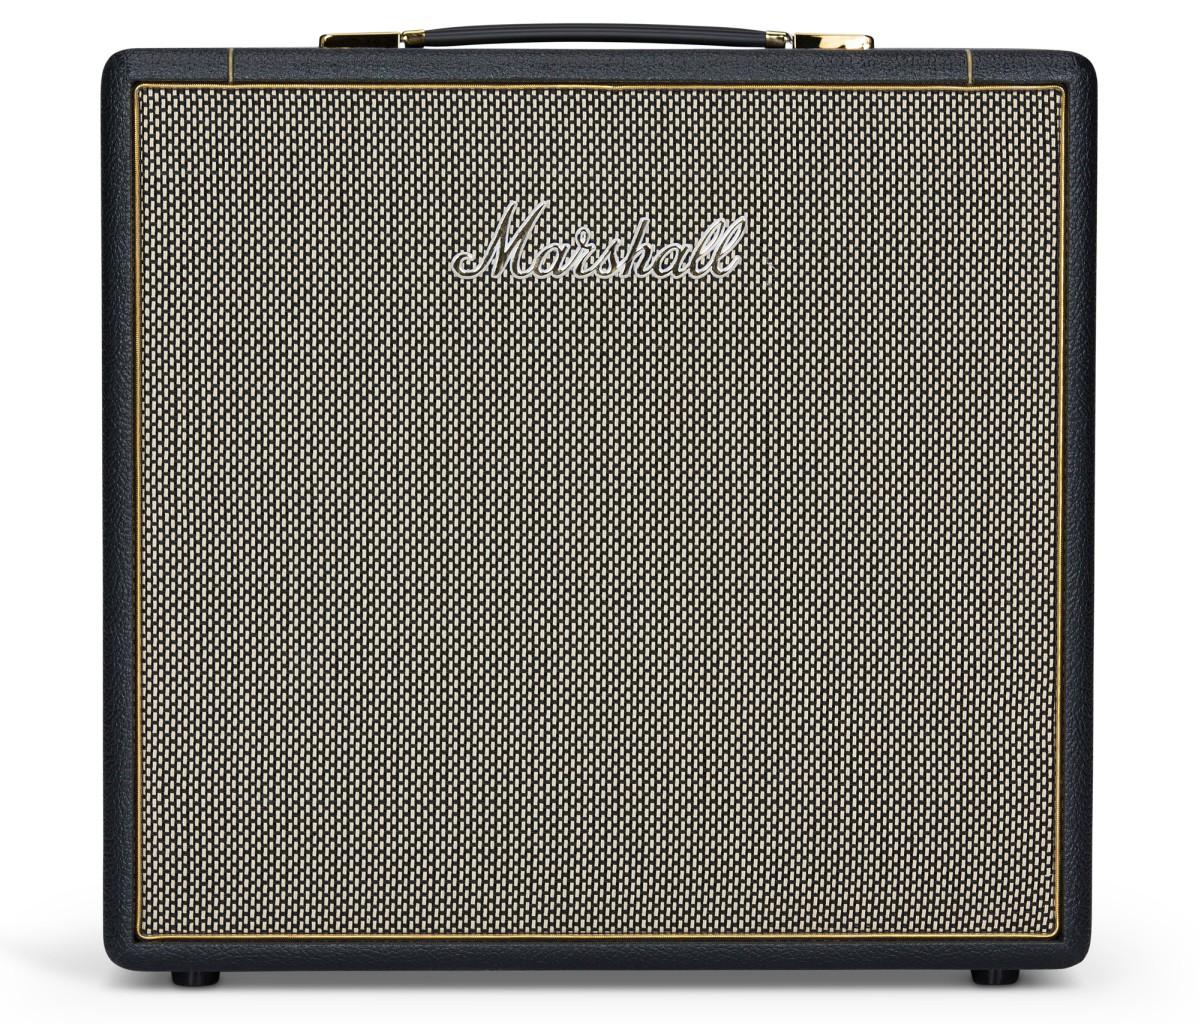 Marshall SV 112 Studio Vintage Cabinet 1x12